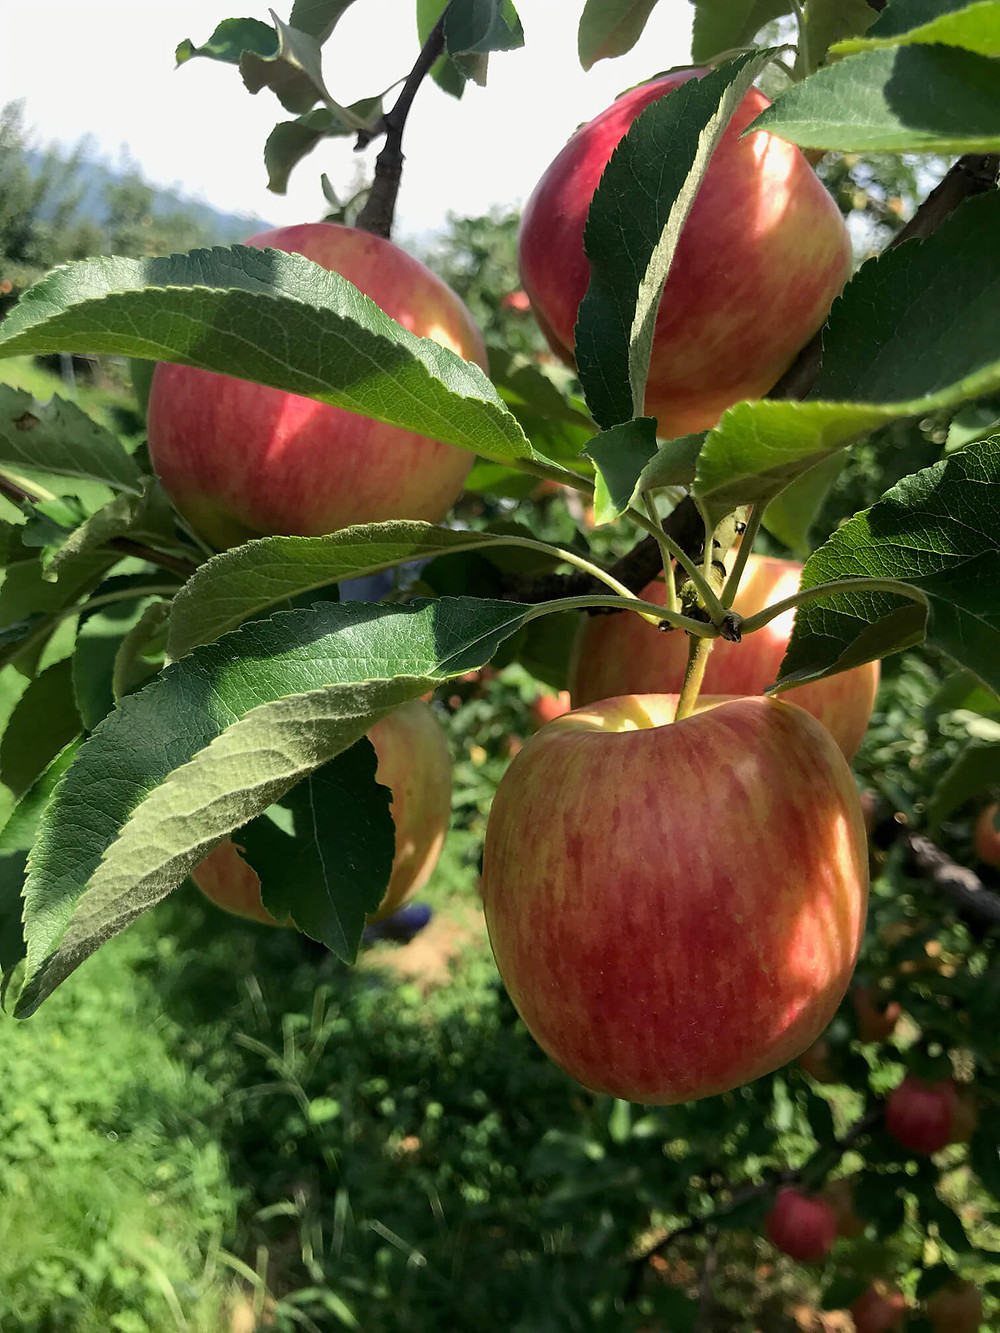 食べ頃の林檎「シナノドルチェ」です